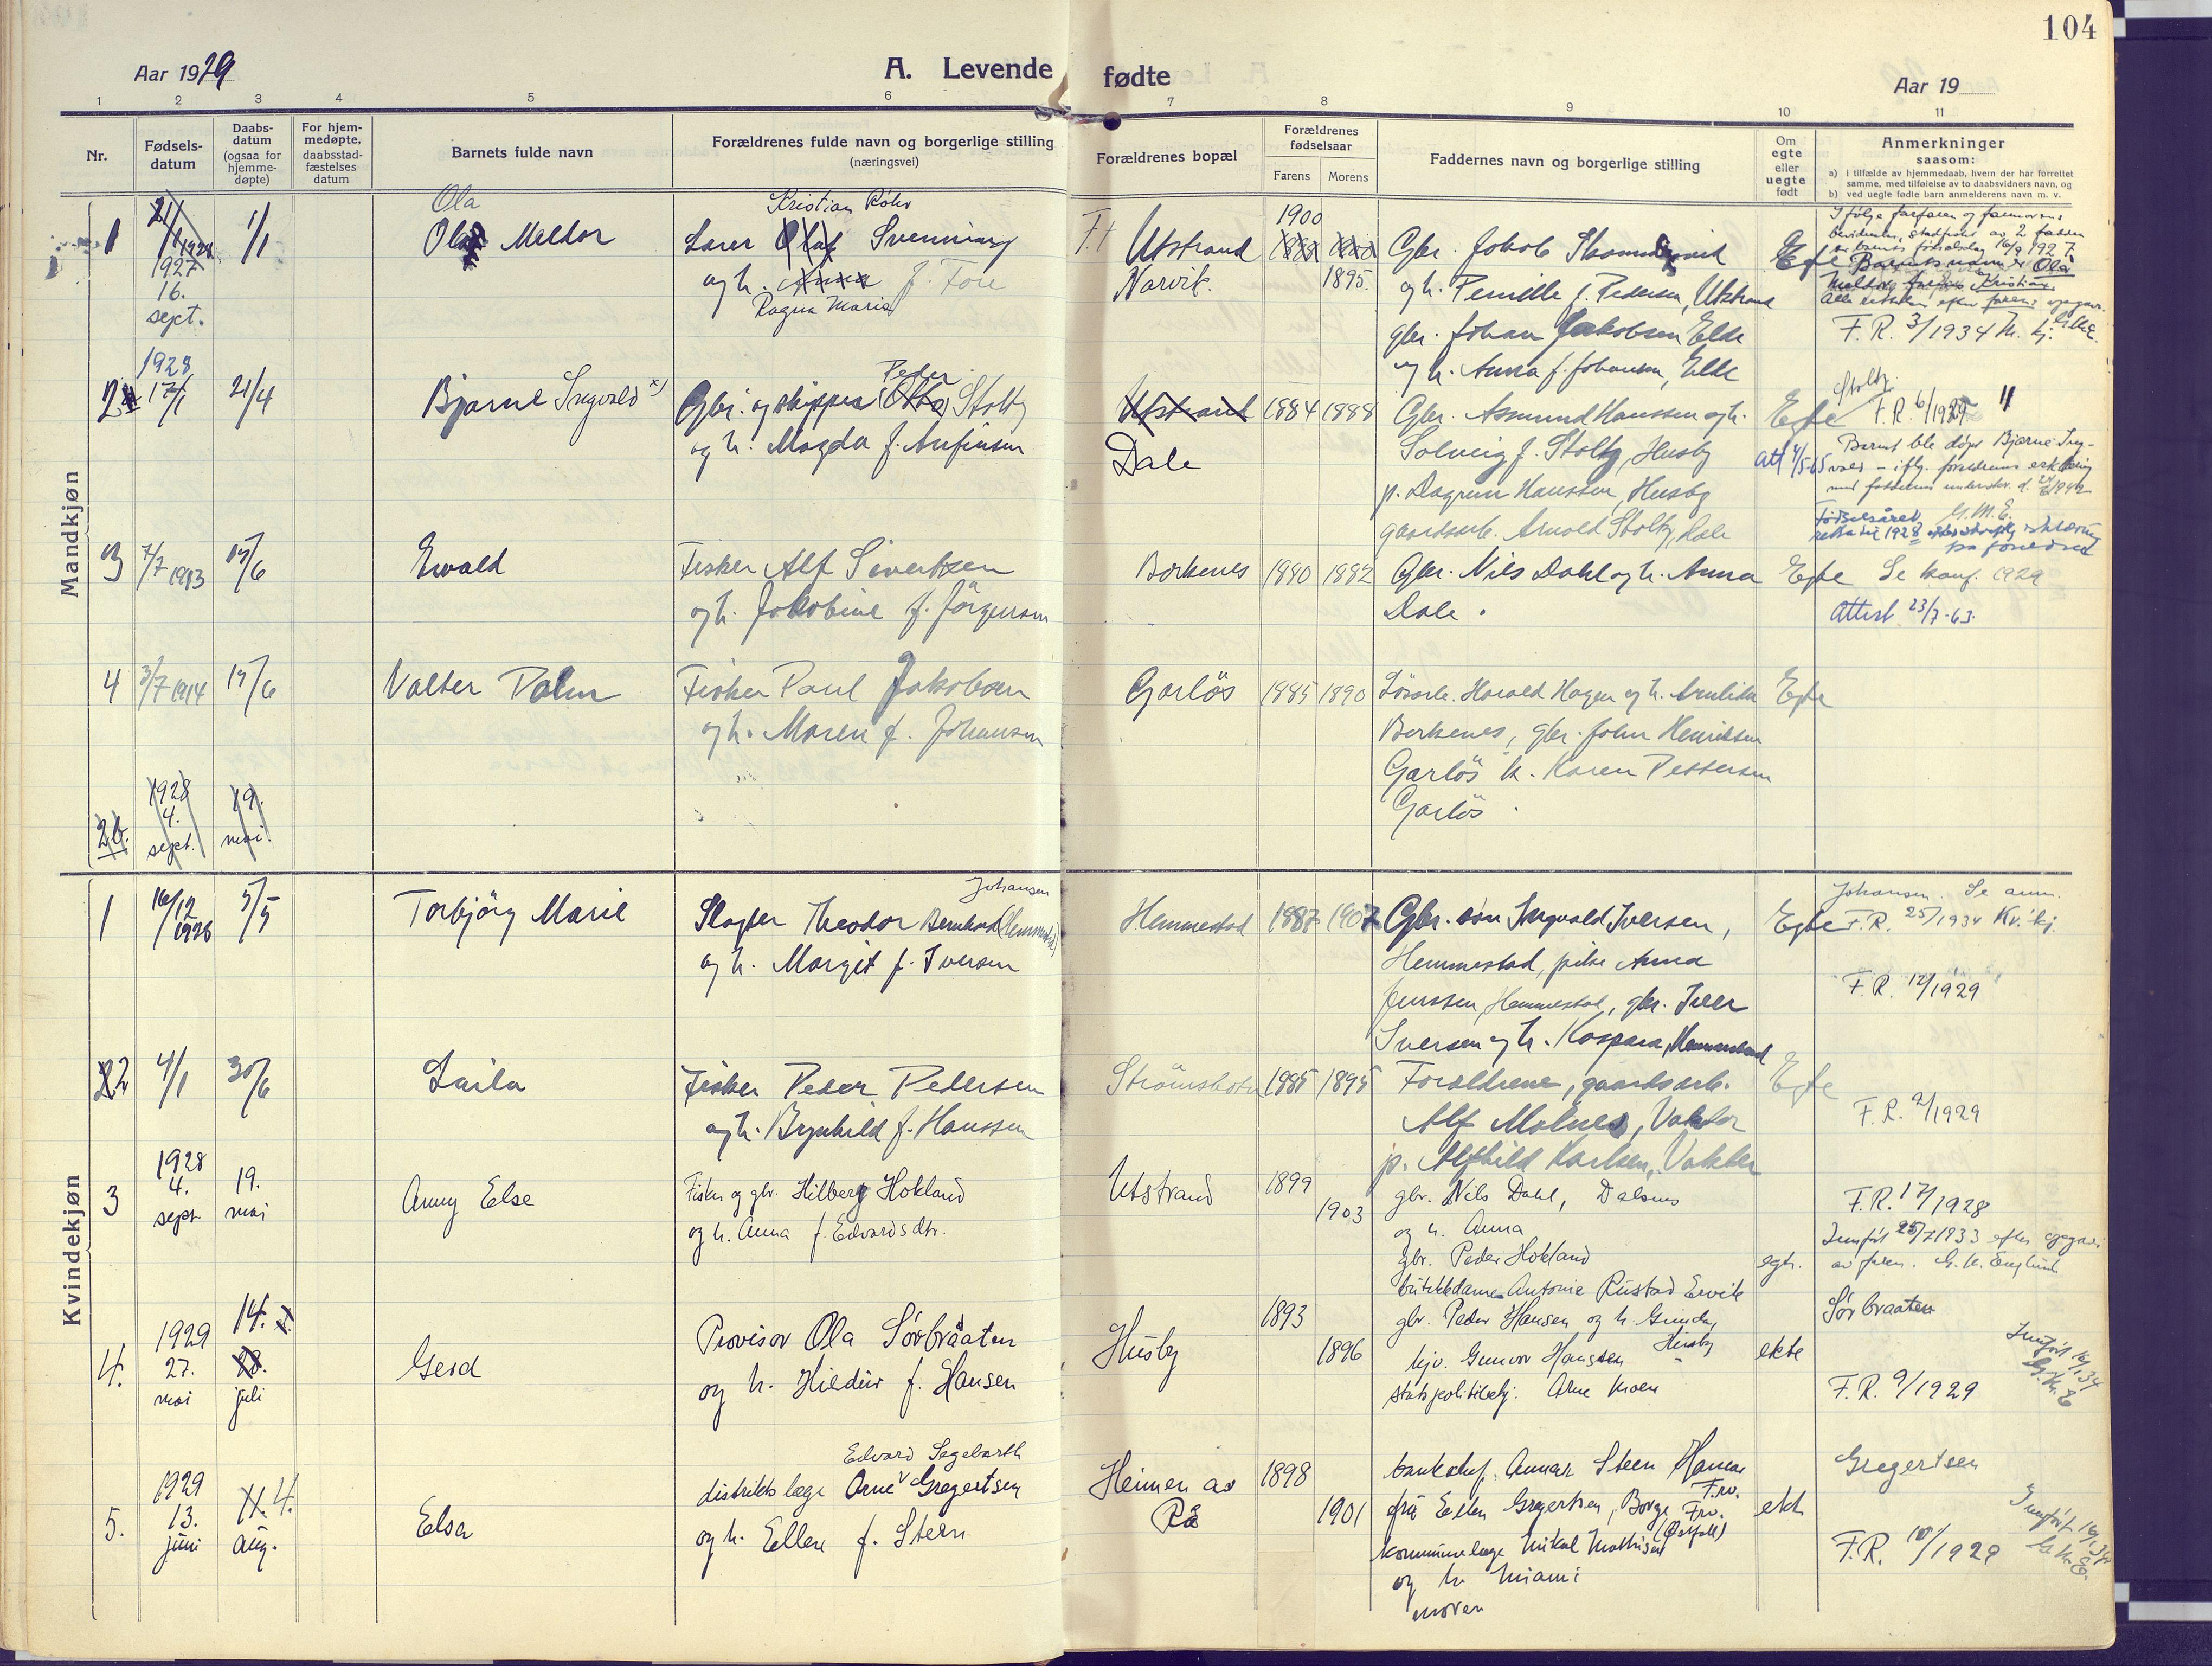 SATØ, Kvæfjord sokneprestkontor, G/Ga/Gaa/L0007kirke: Ministerialbok nr. 7, 1915-1931, s. 104